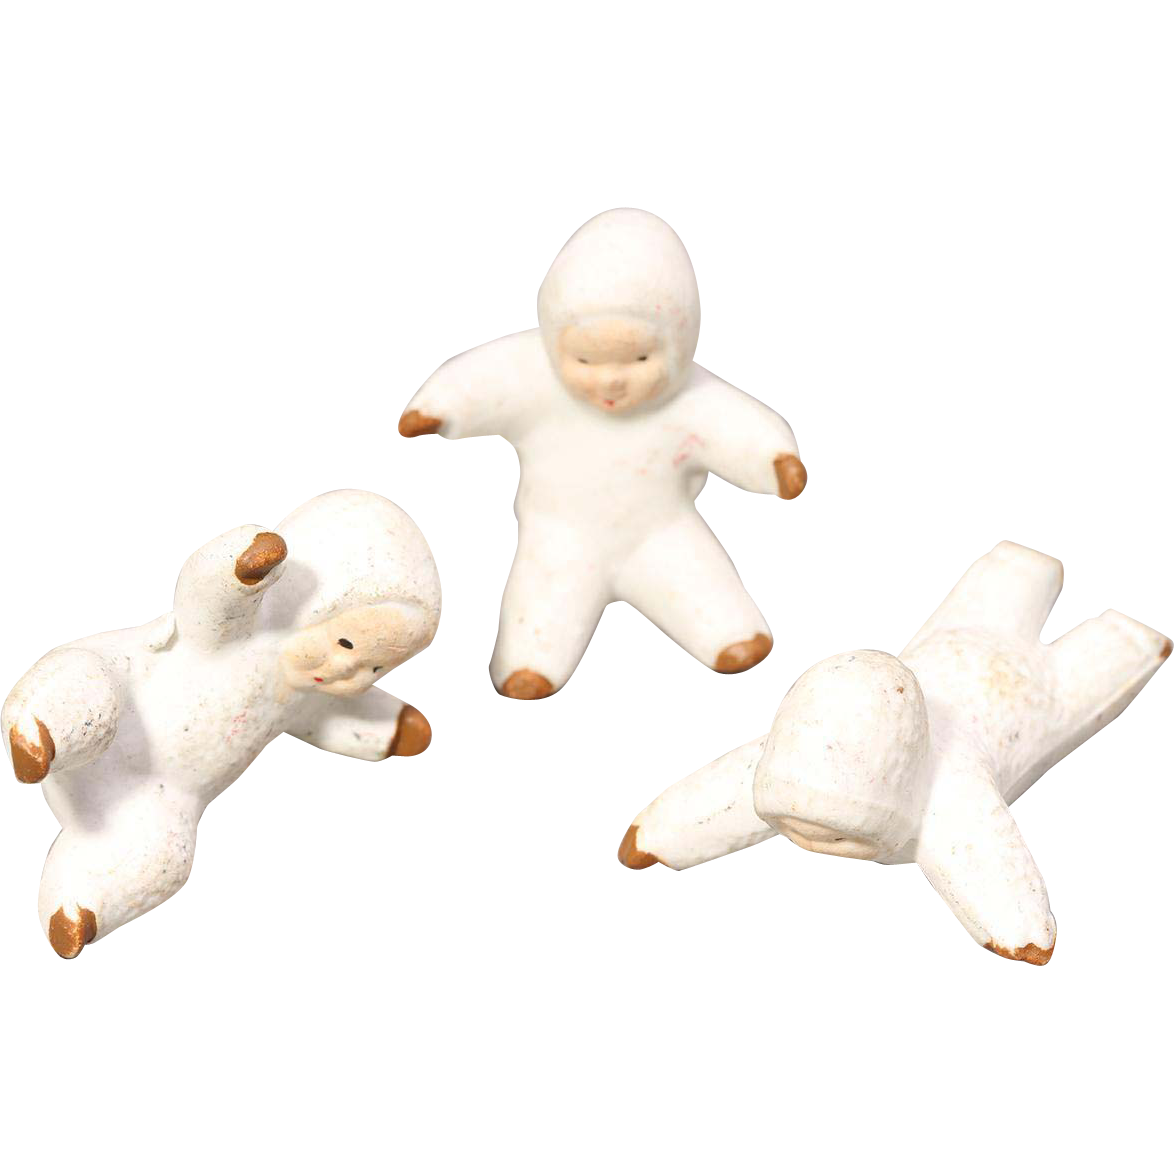 Vintage Snowbabies RARE Vintage Snow Babies Made In England Snowbaby